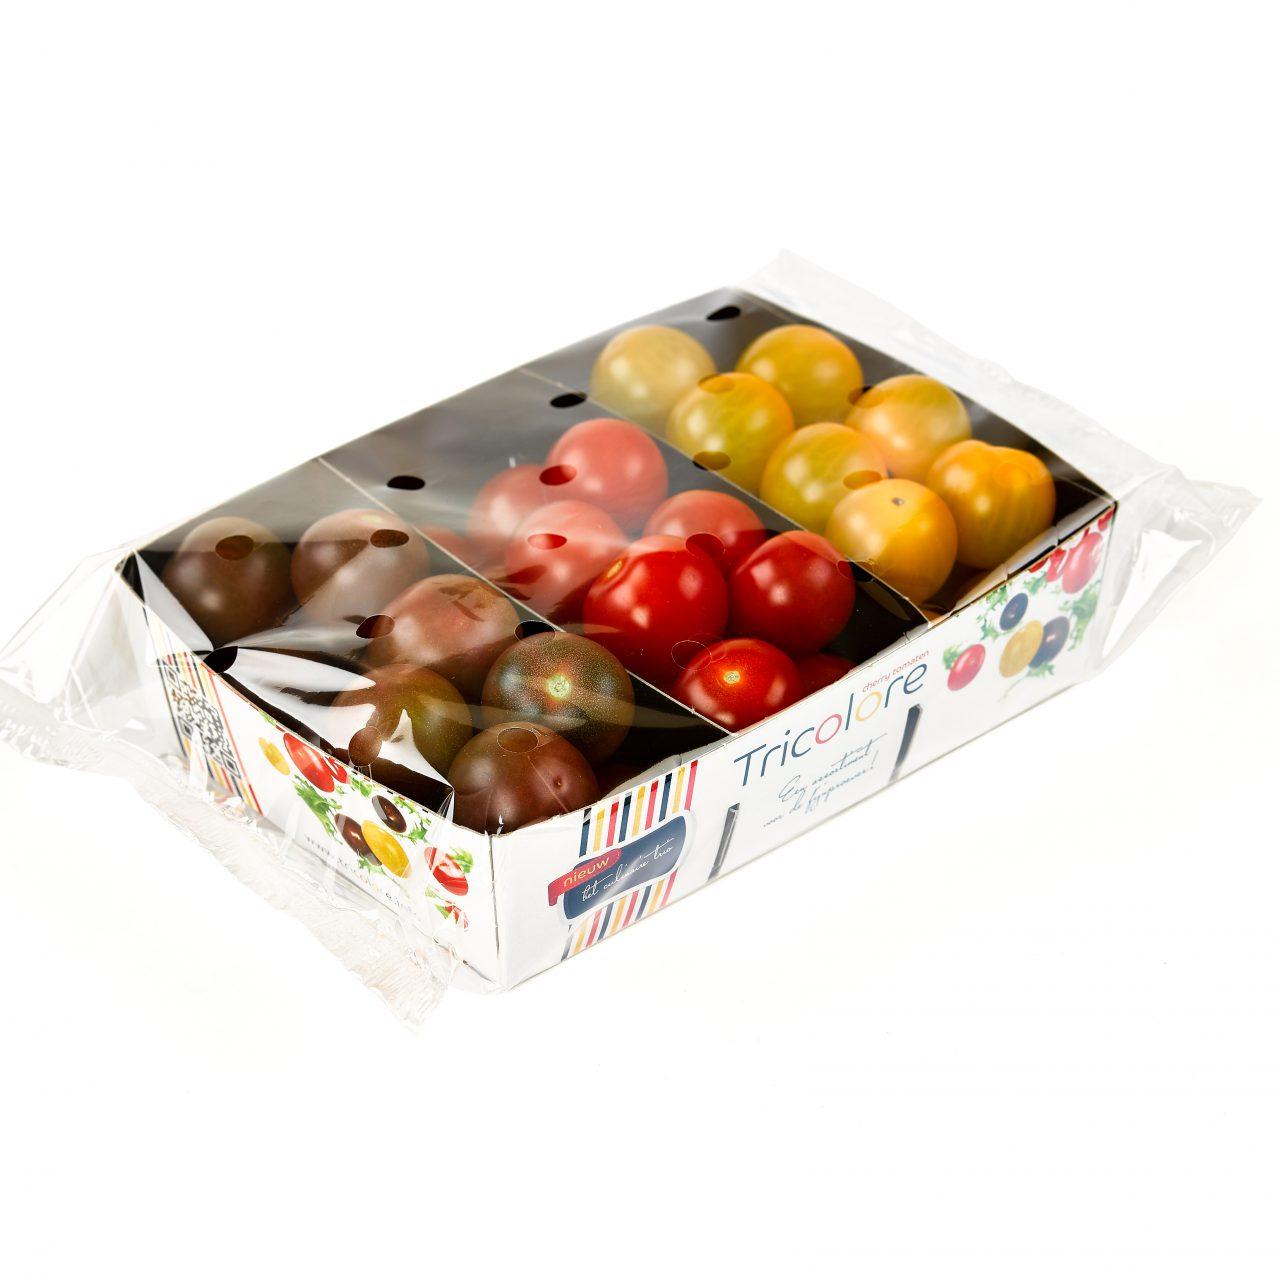 tricolore-azrg